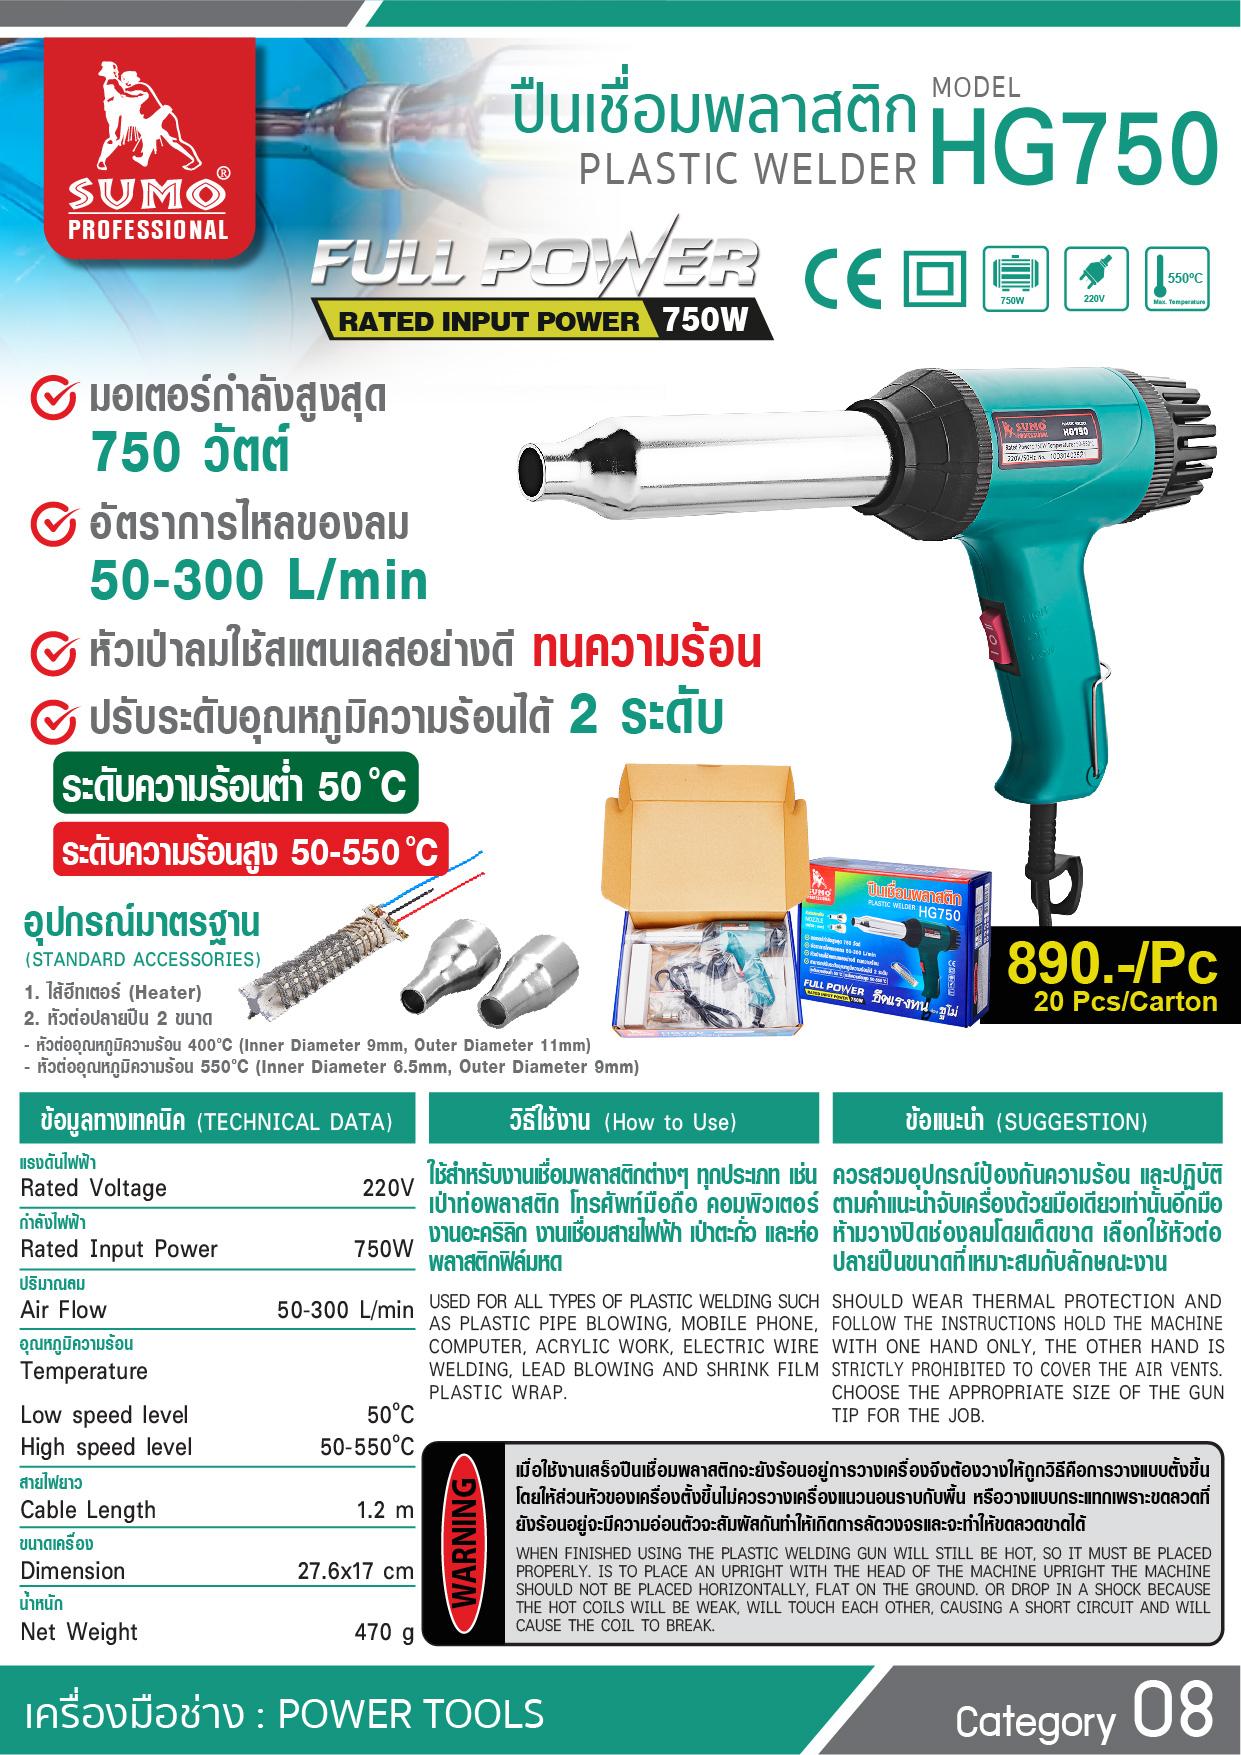 (1/16) ปืนเชื่อมพลาสติก HG750